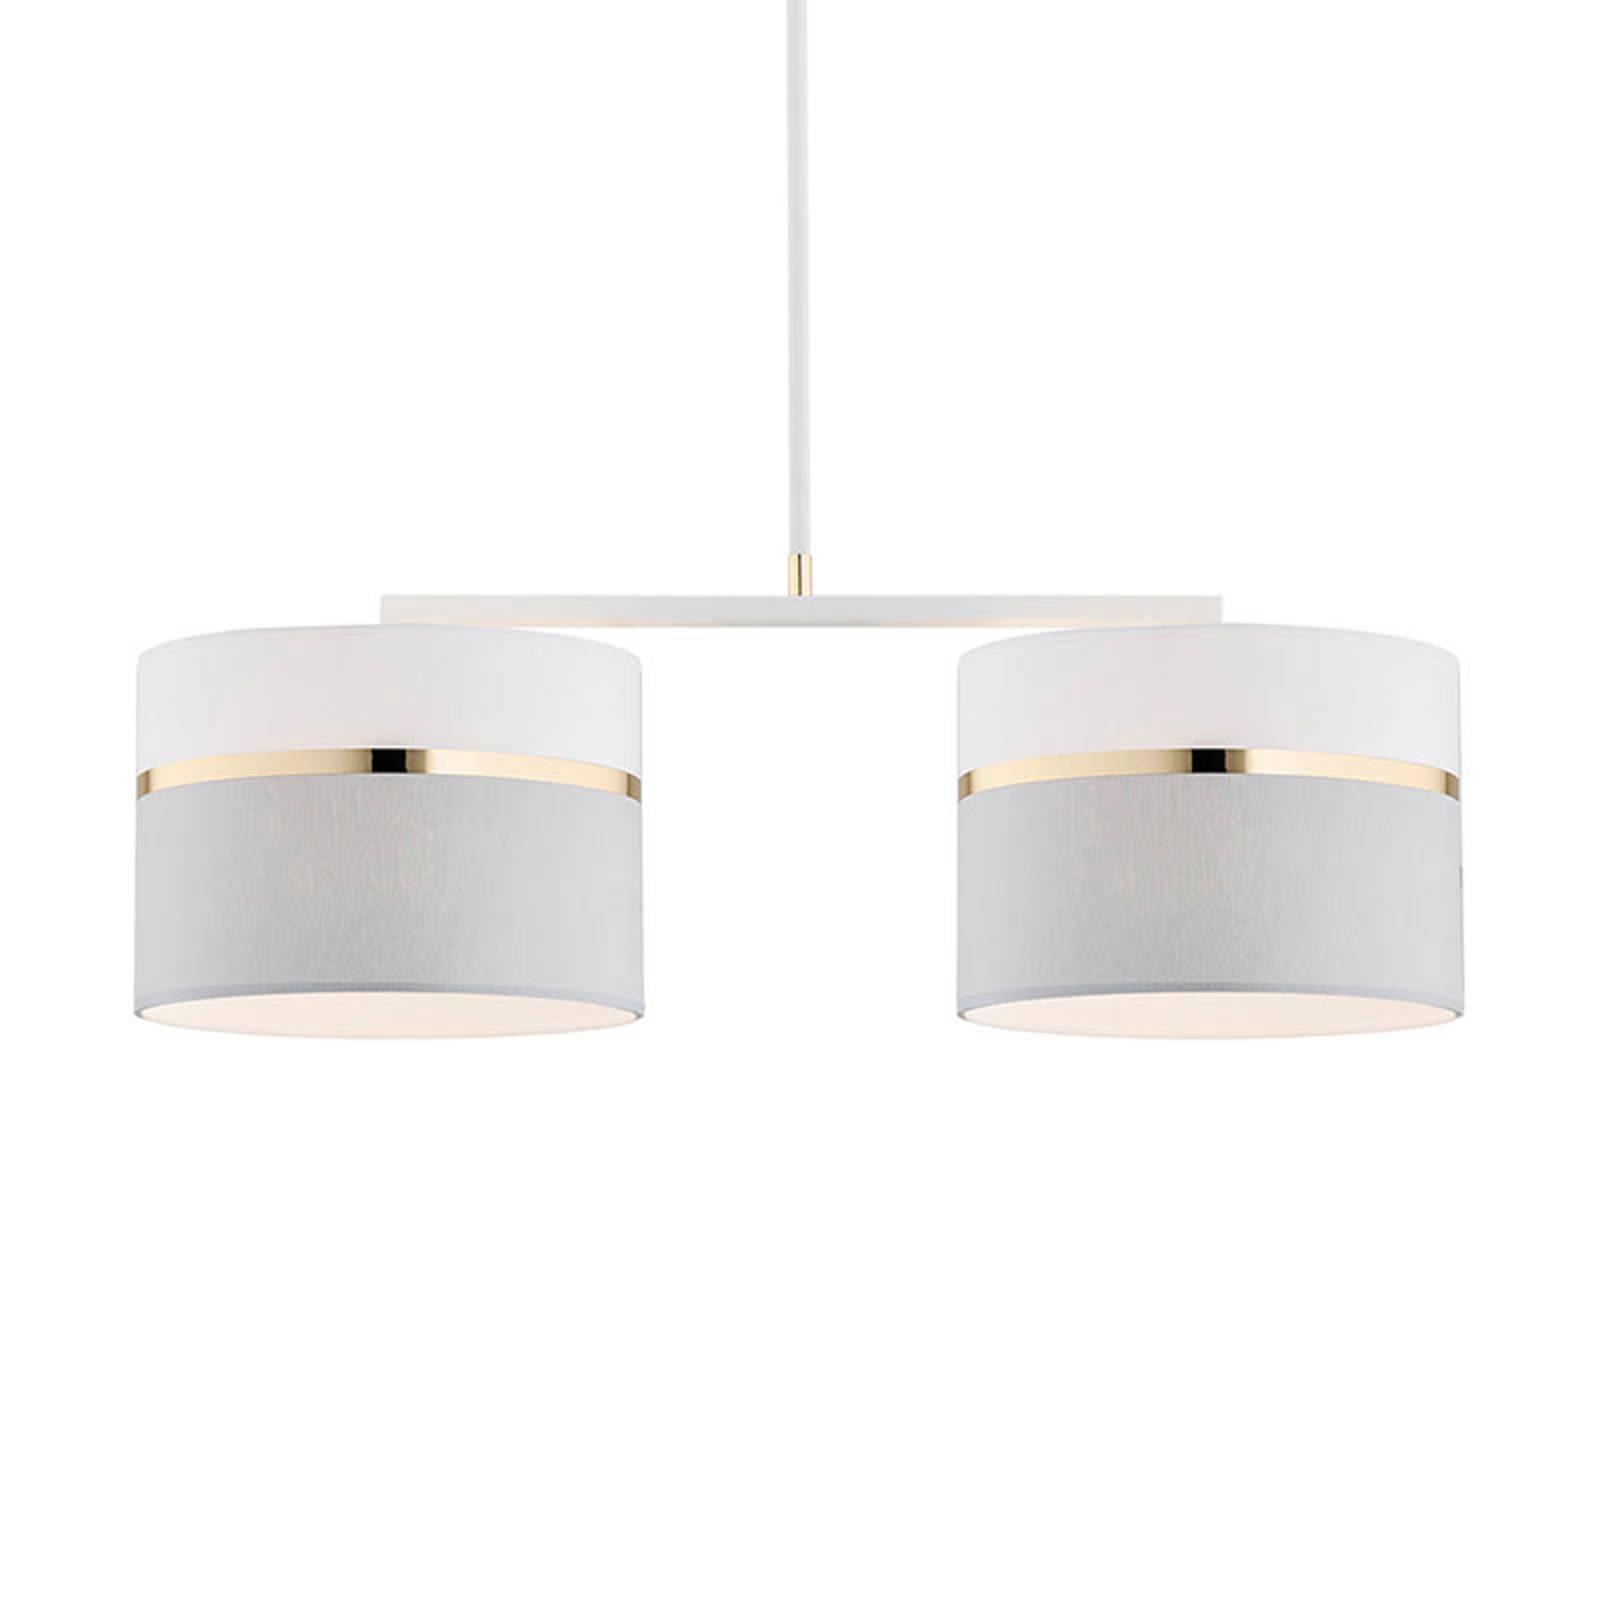 Riippuvalo Long 2-lamppuinen valkoinen/harmaa